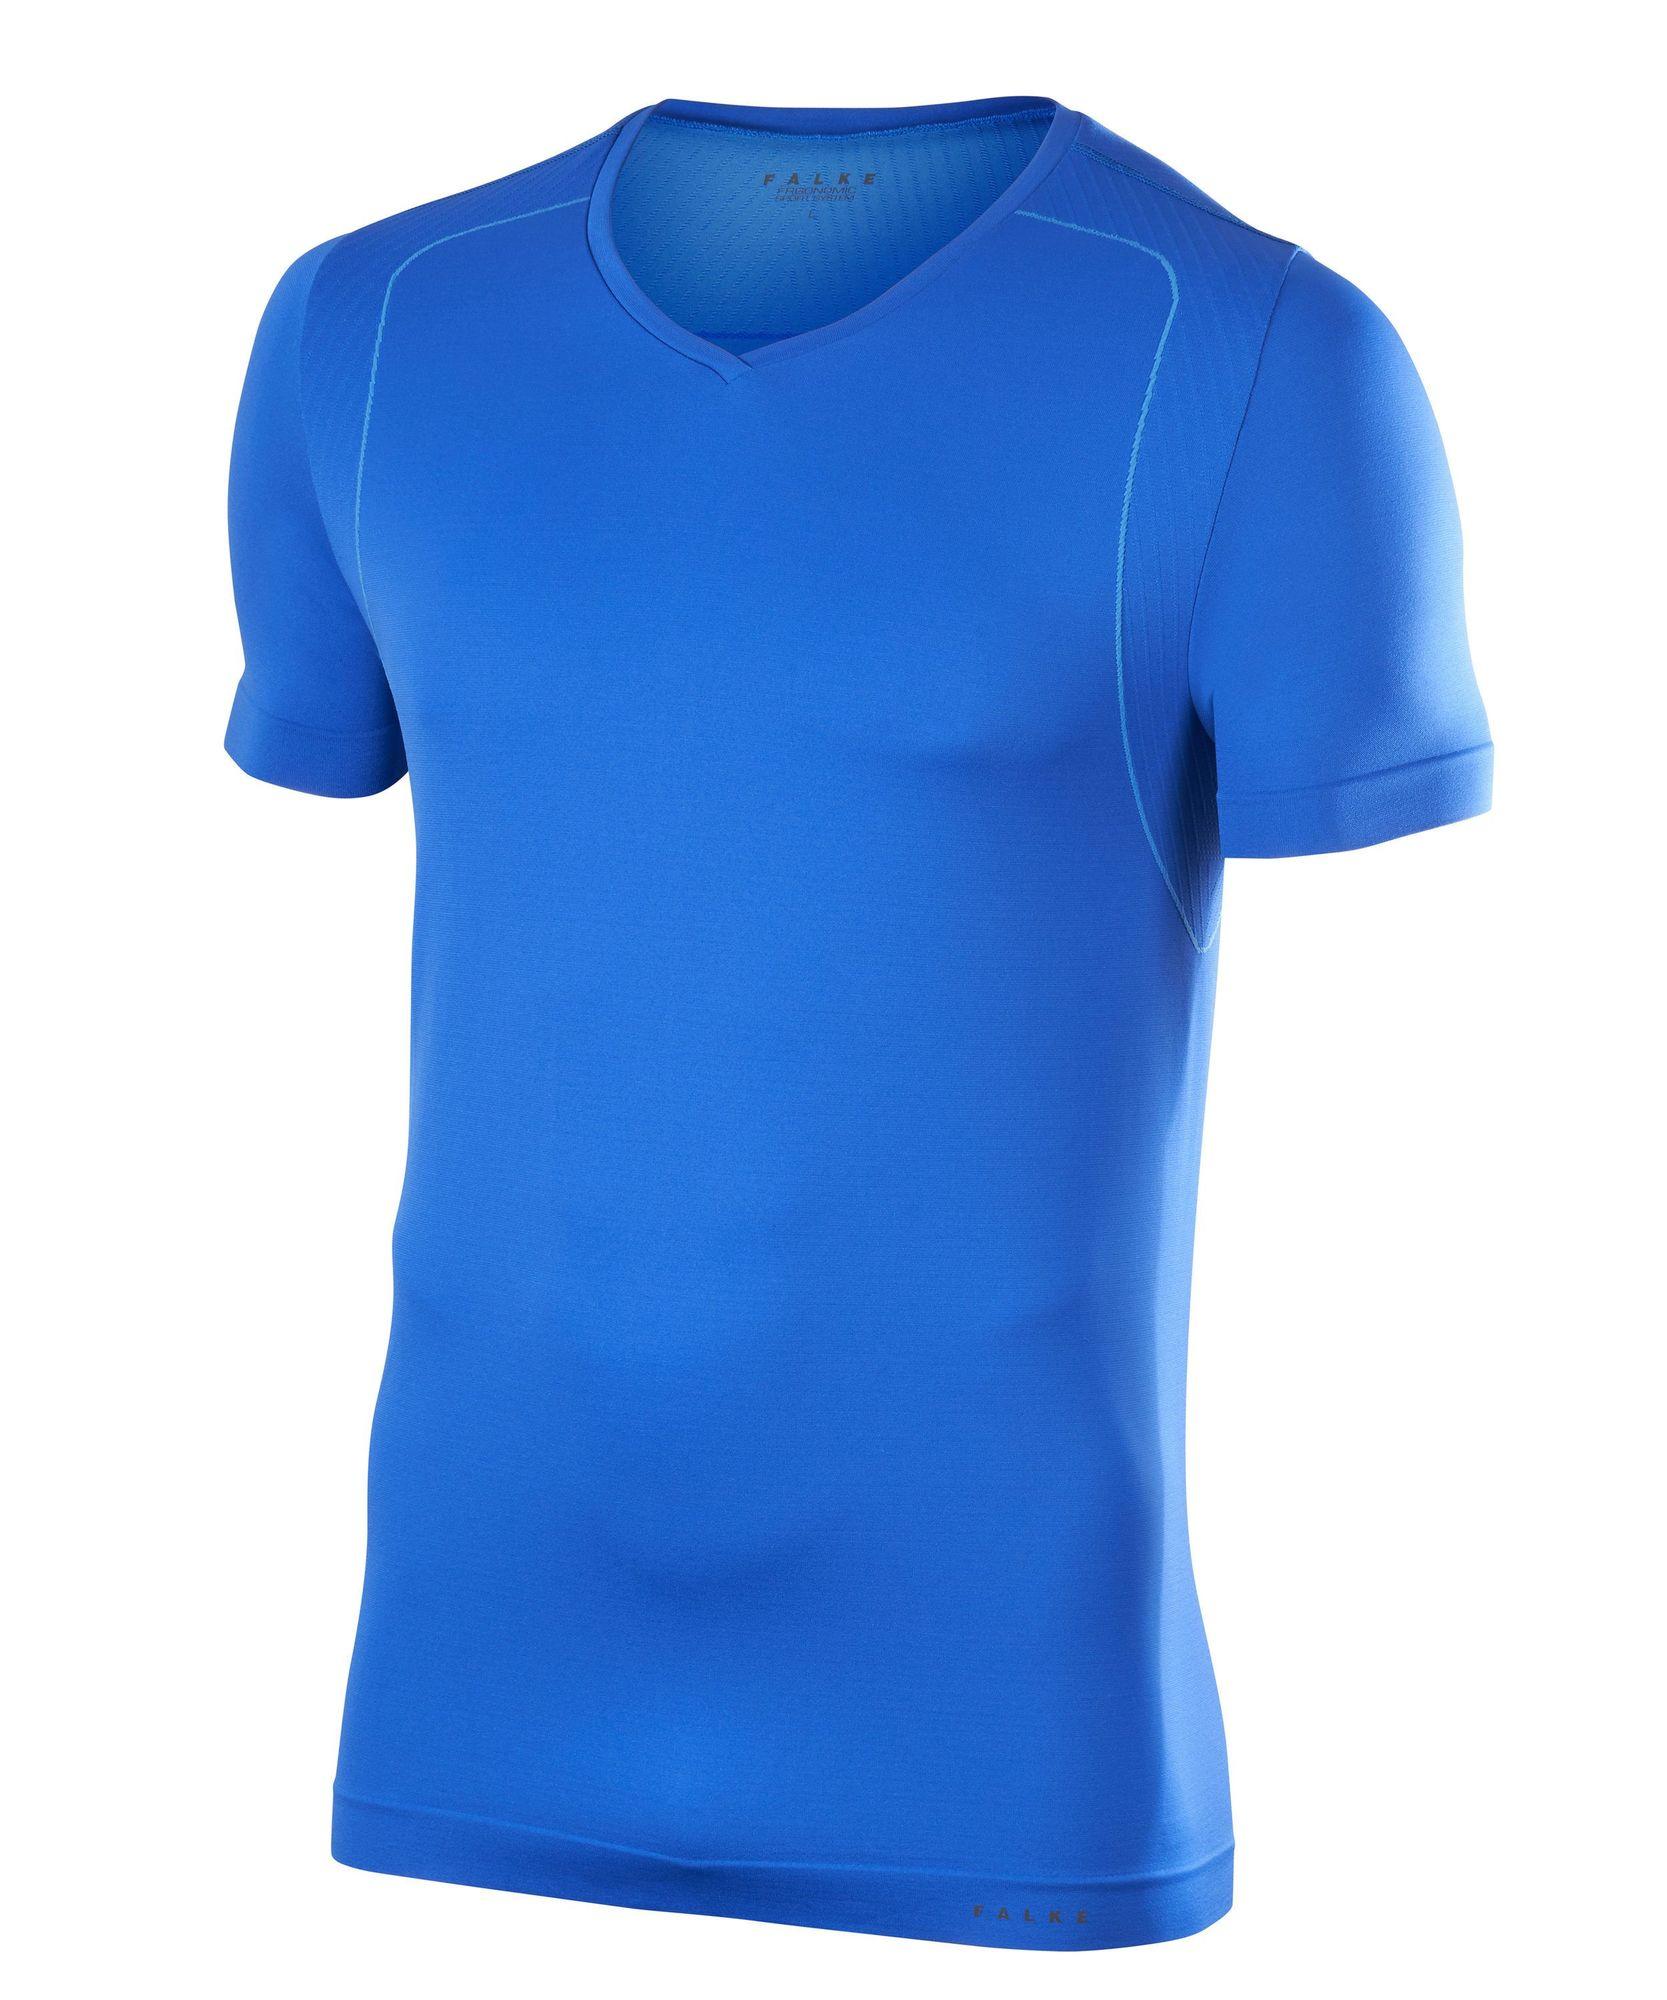 Falke Fitness T-Shirt in Blau